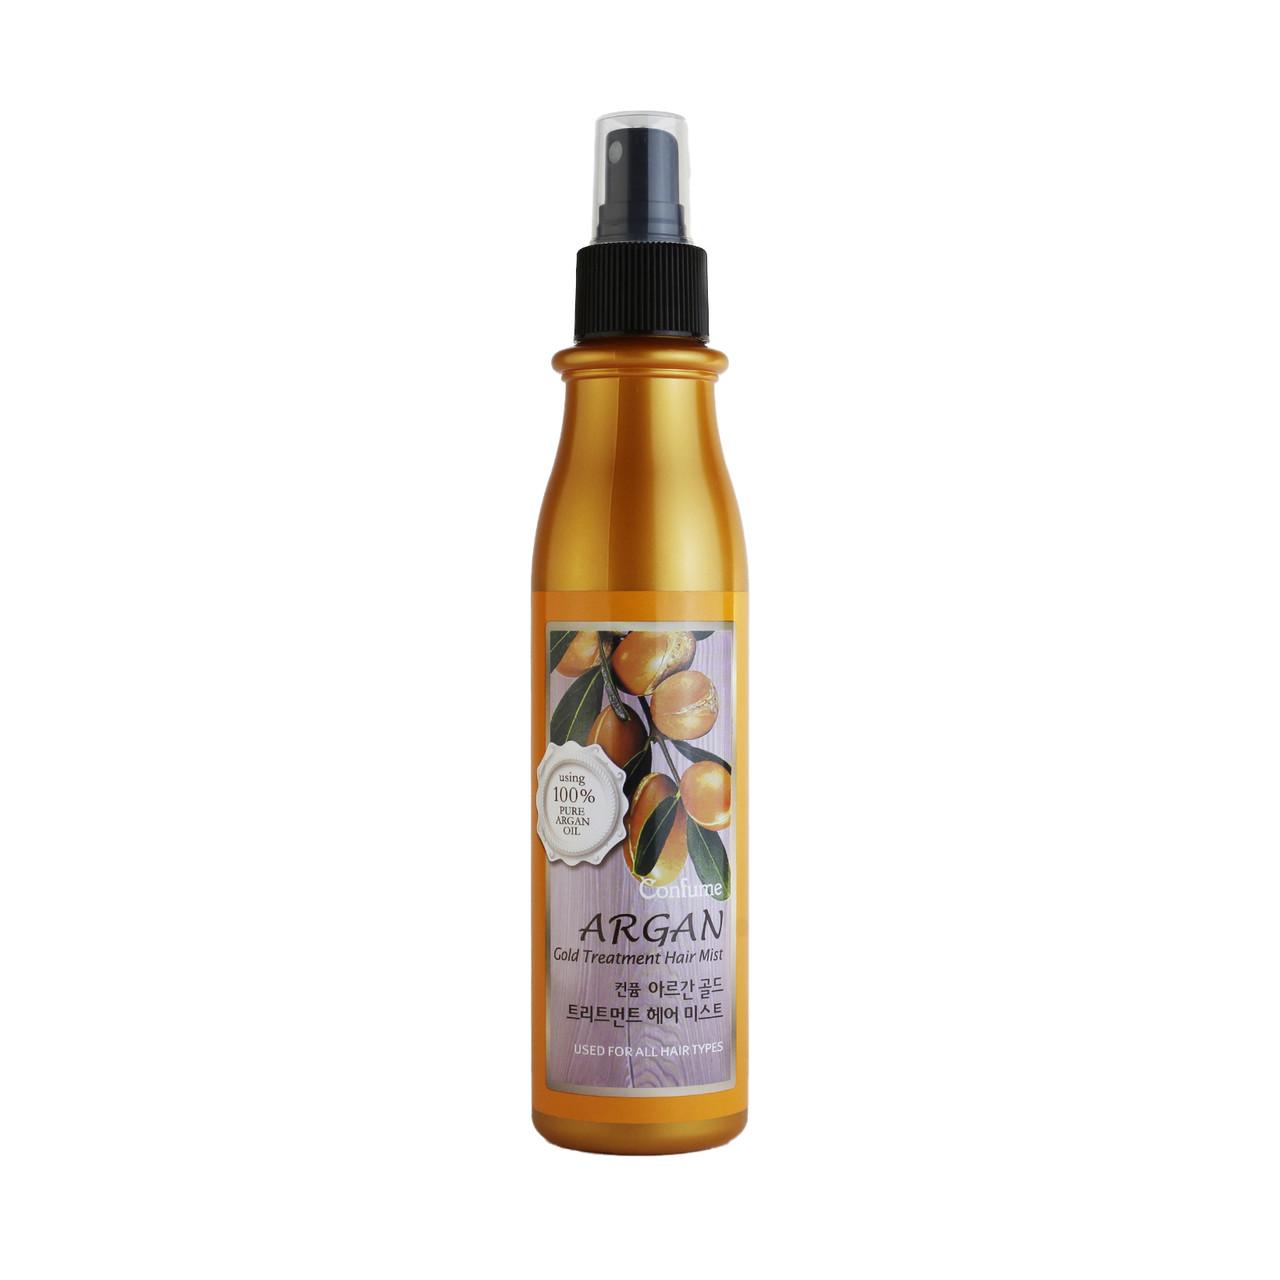 Welcos Argan Gold Treatment Hair Mist Спрей-мист для волос с аргановым маслом 200мл